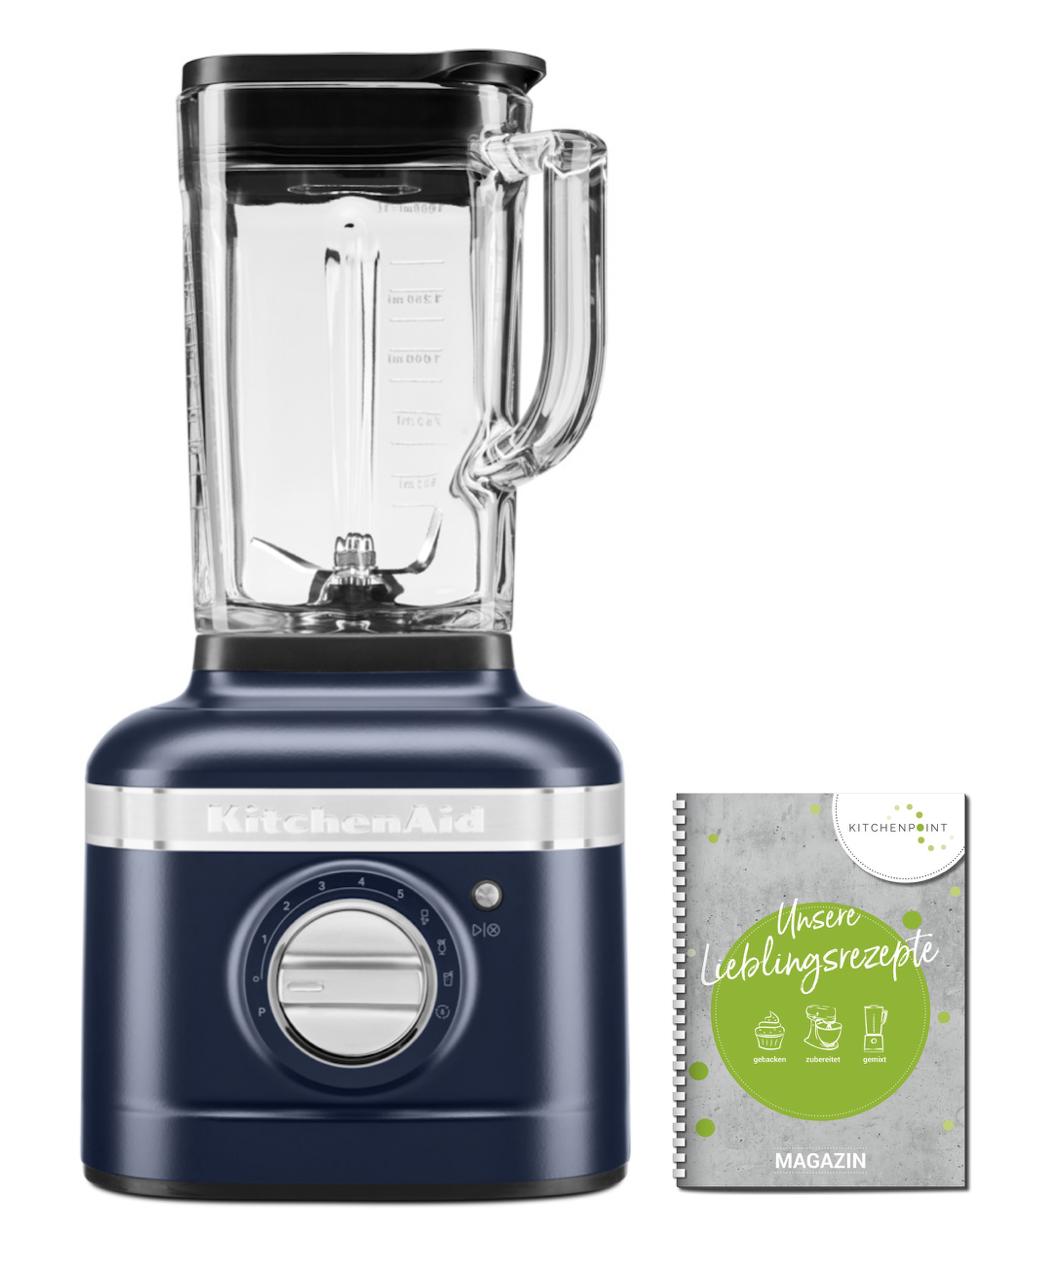 KitchenAid Artisan Blender K400 Mixer Tintenblau